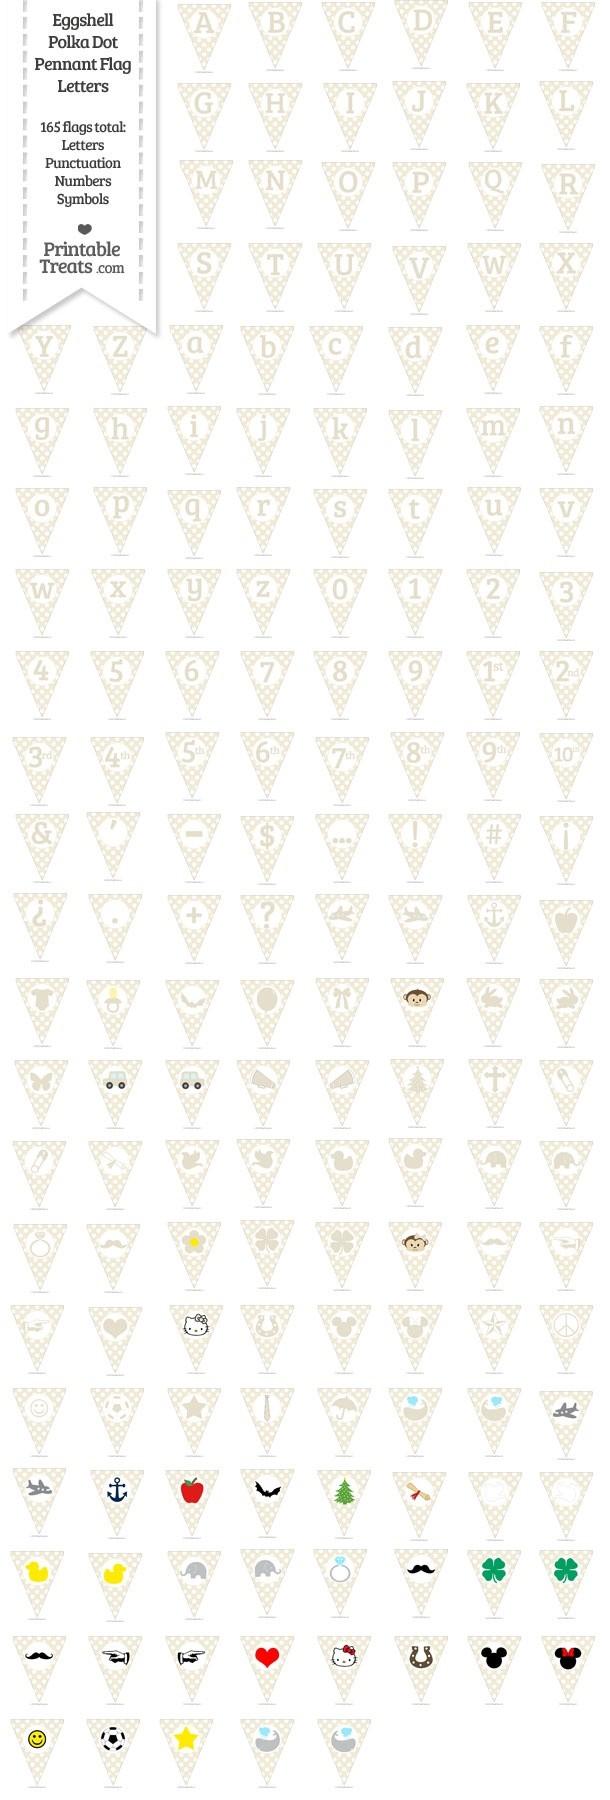 165 Eggshell Polka Dot Pennant Flag Letters Password